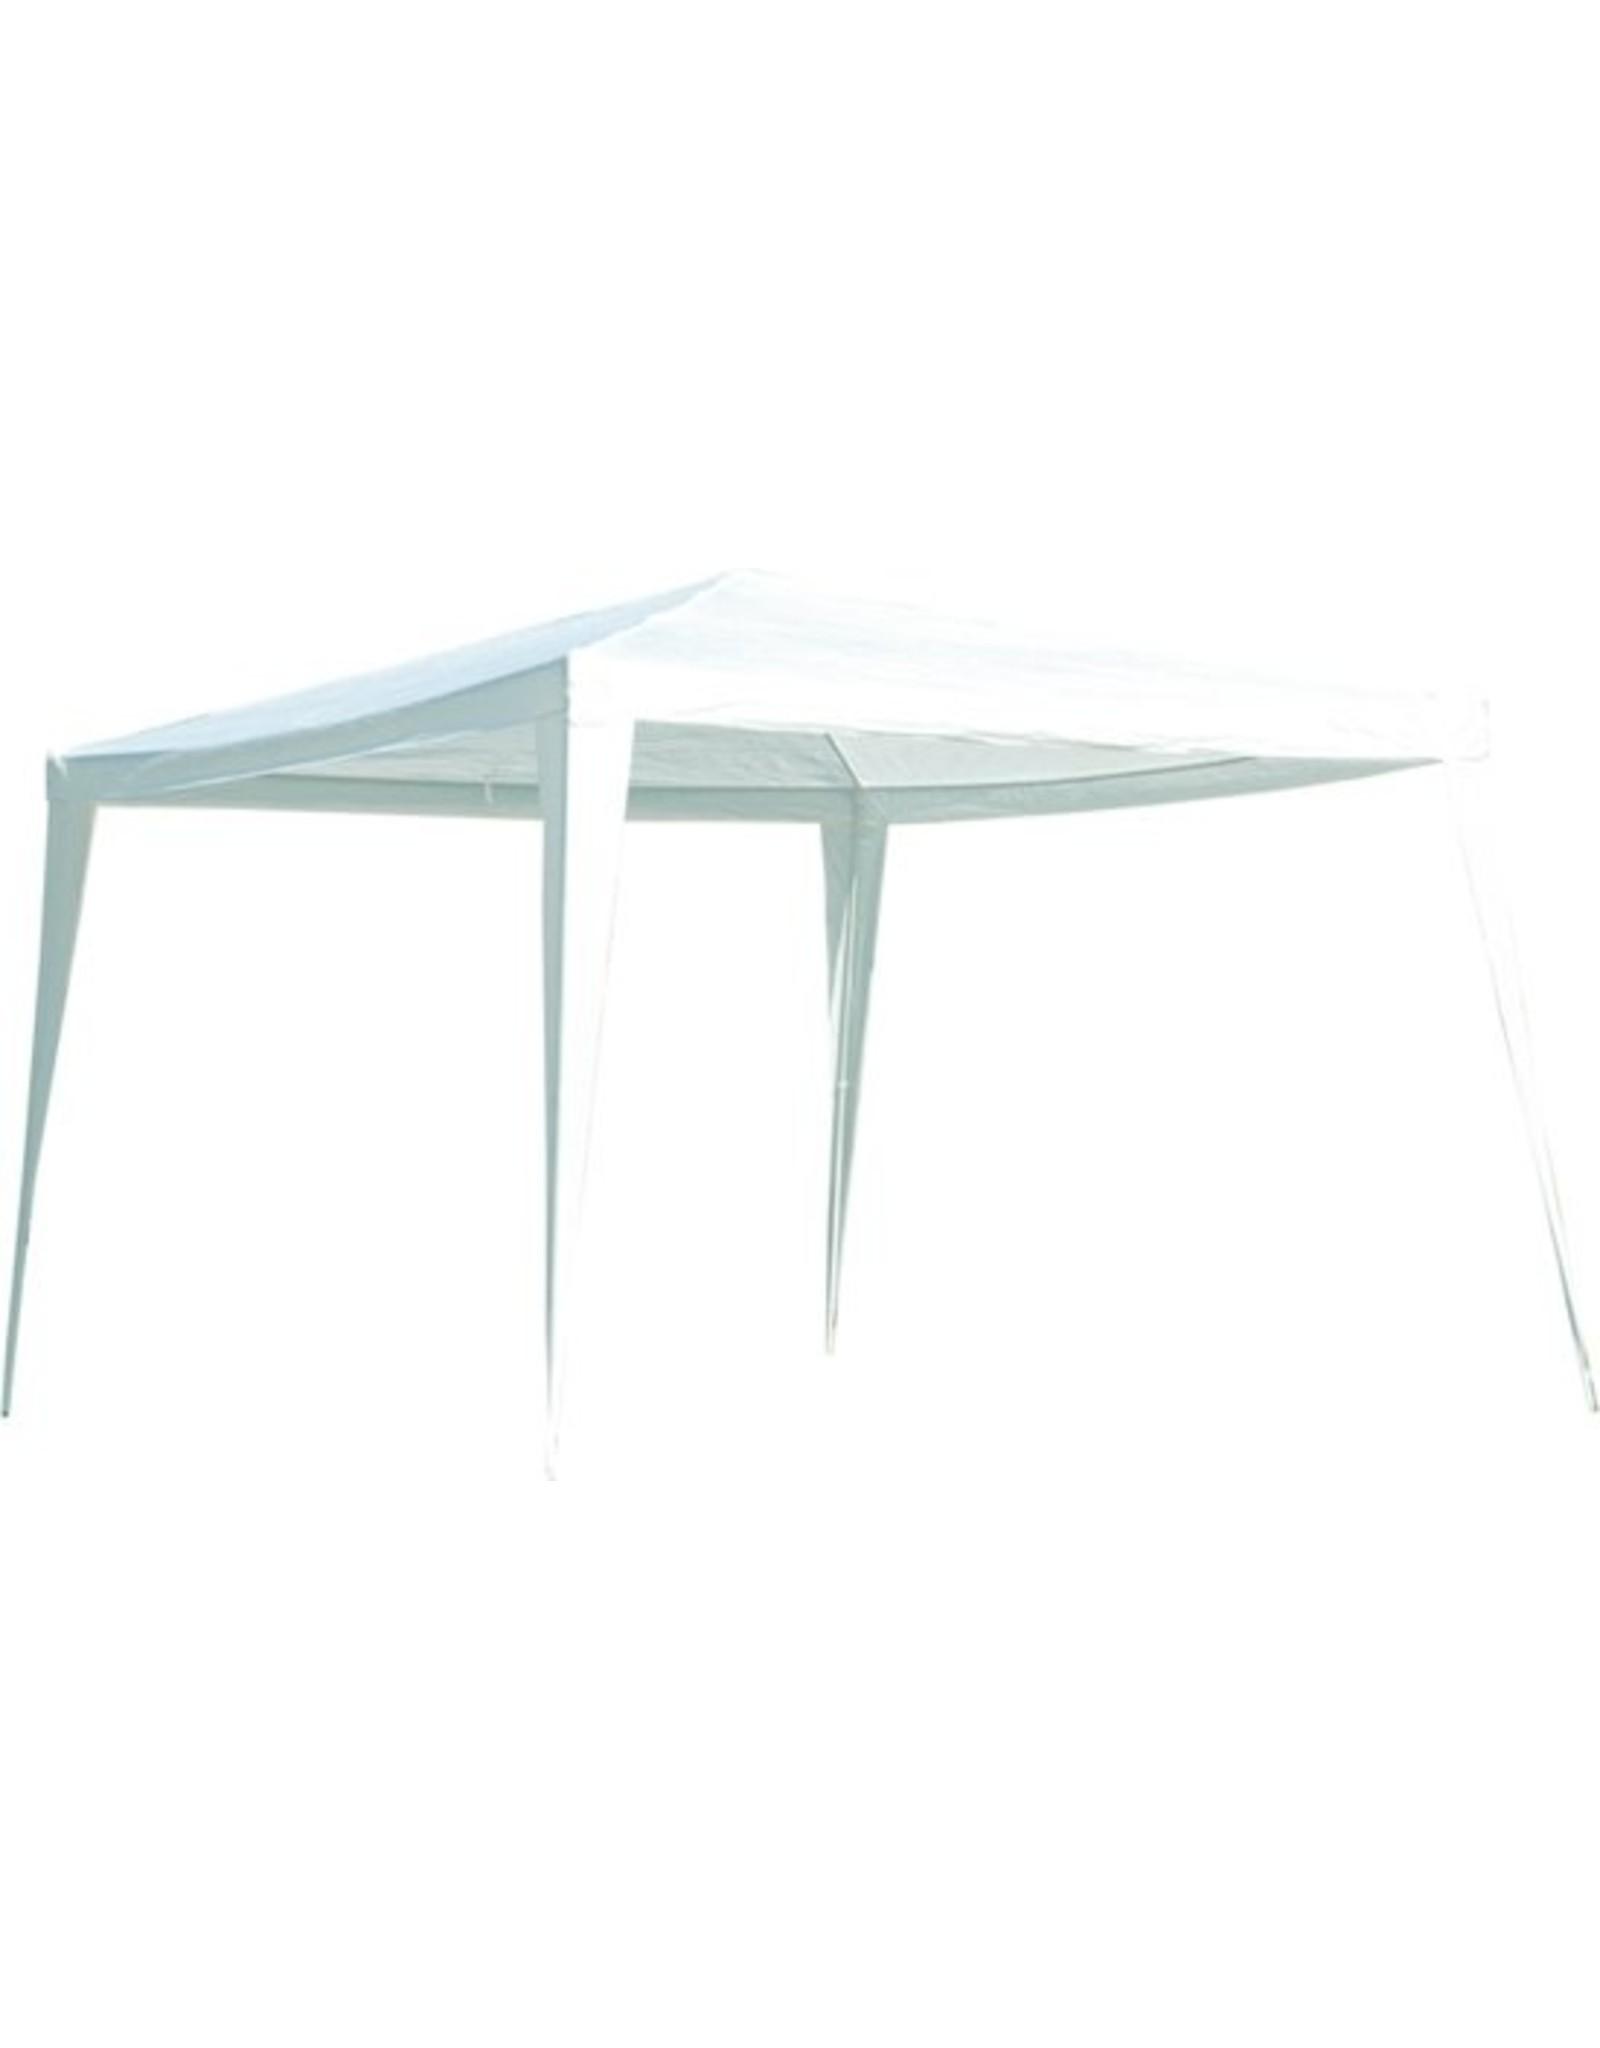 LesliLiving - Partytent - Opbouwbaar - Wit  - 3 x 3 m